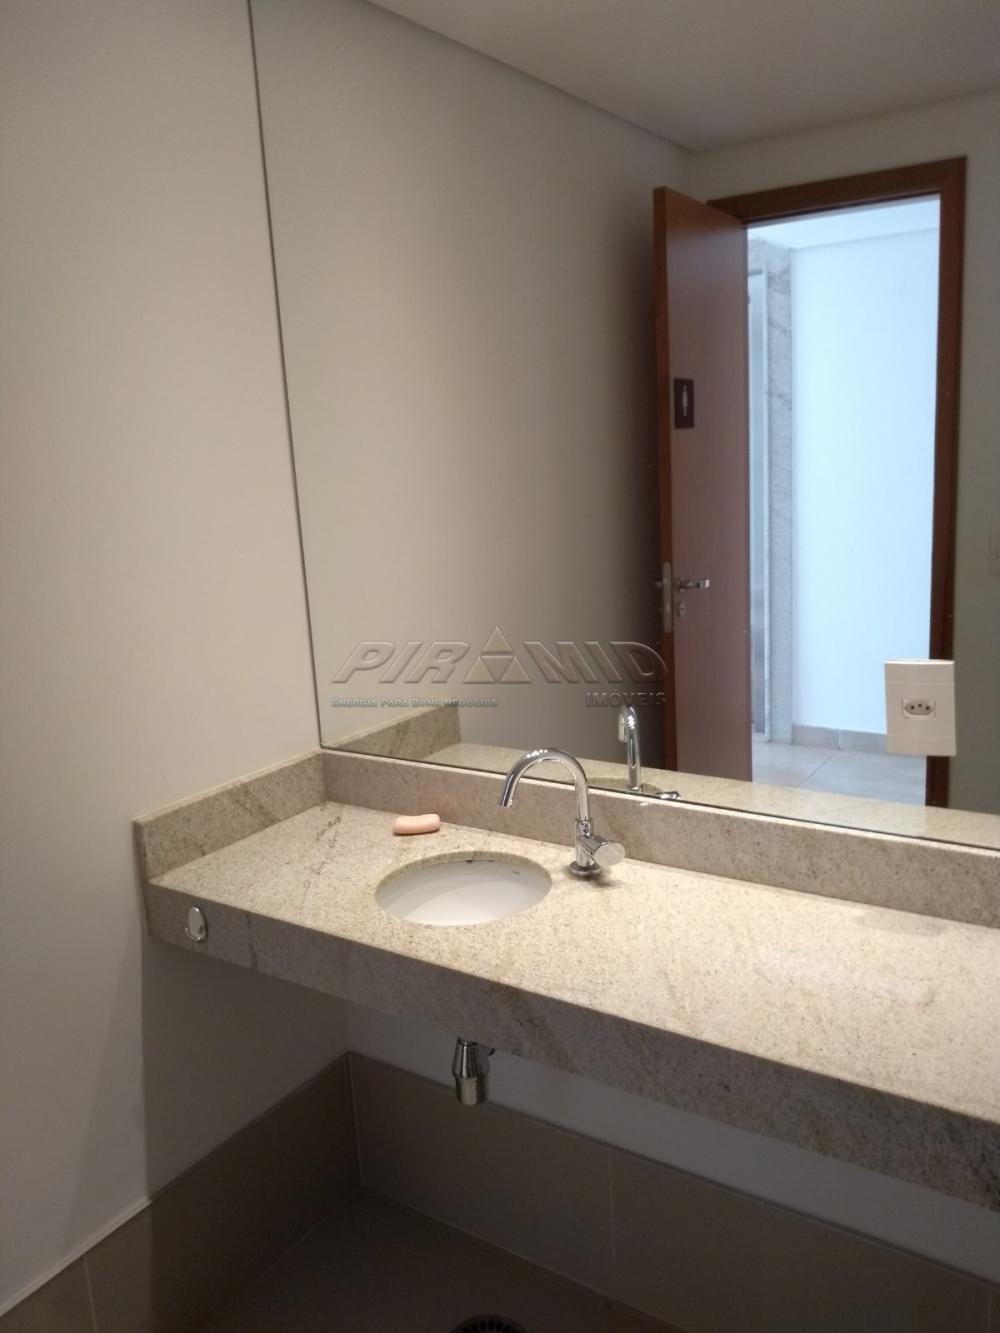 Alugar Apartamento / Padrão em Ribeirão Preto R$ 1.700,00 - Foto 71